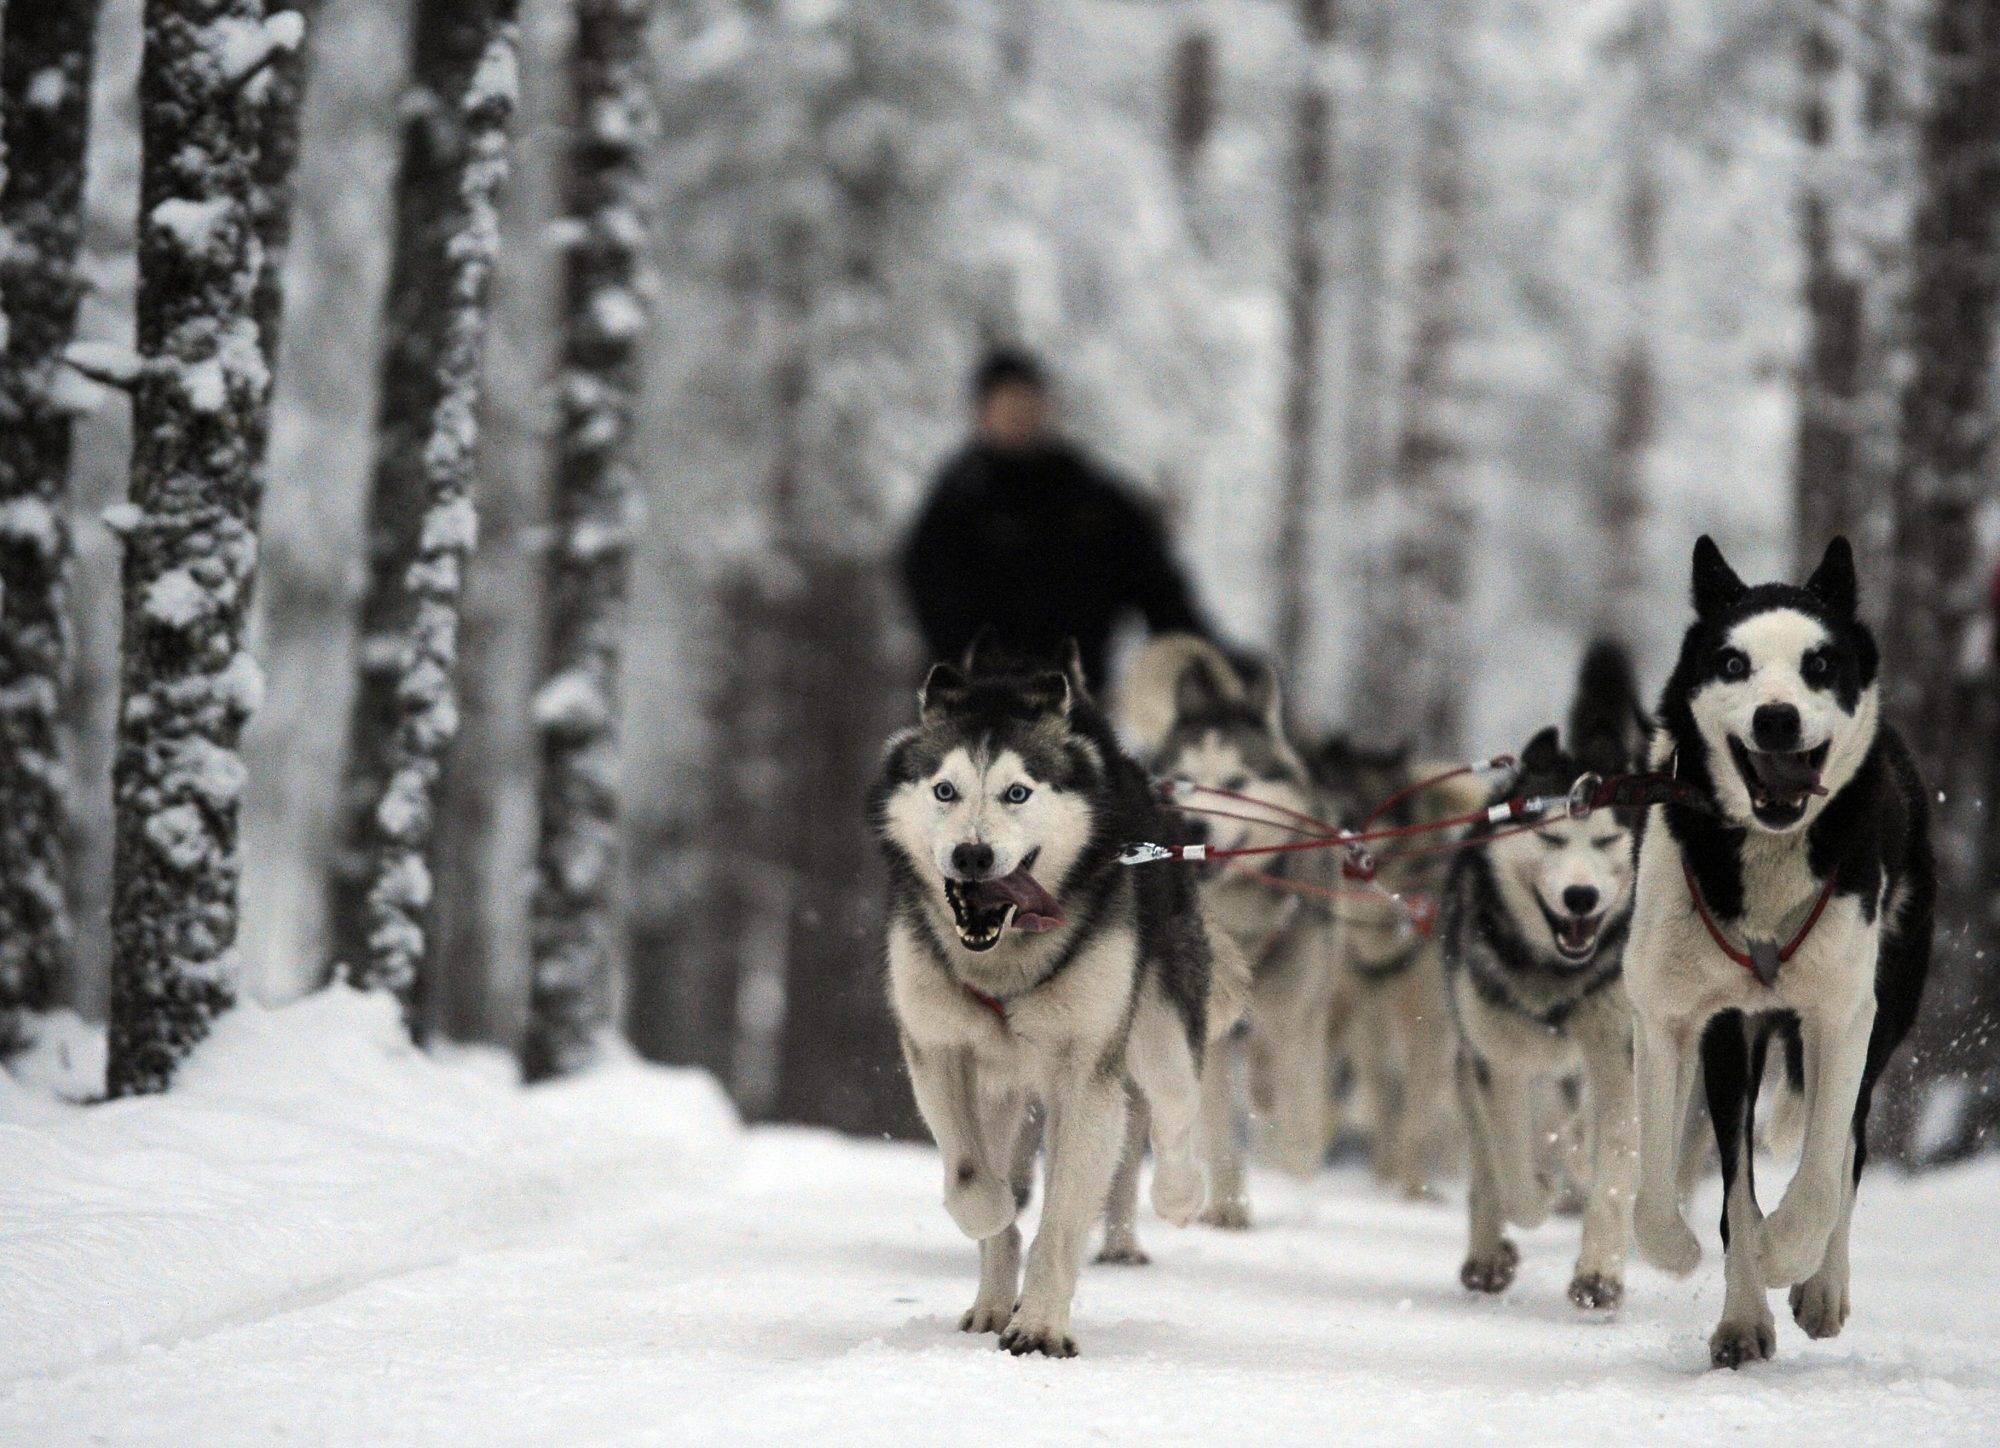 Как назвать карело-финскую лайку: имена для щенков мальчиков и девочек.